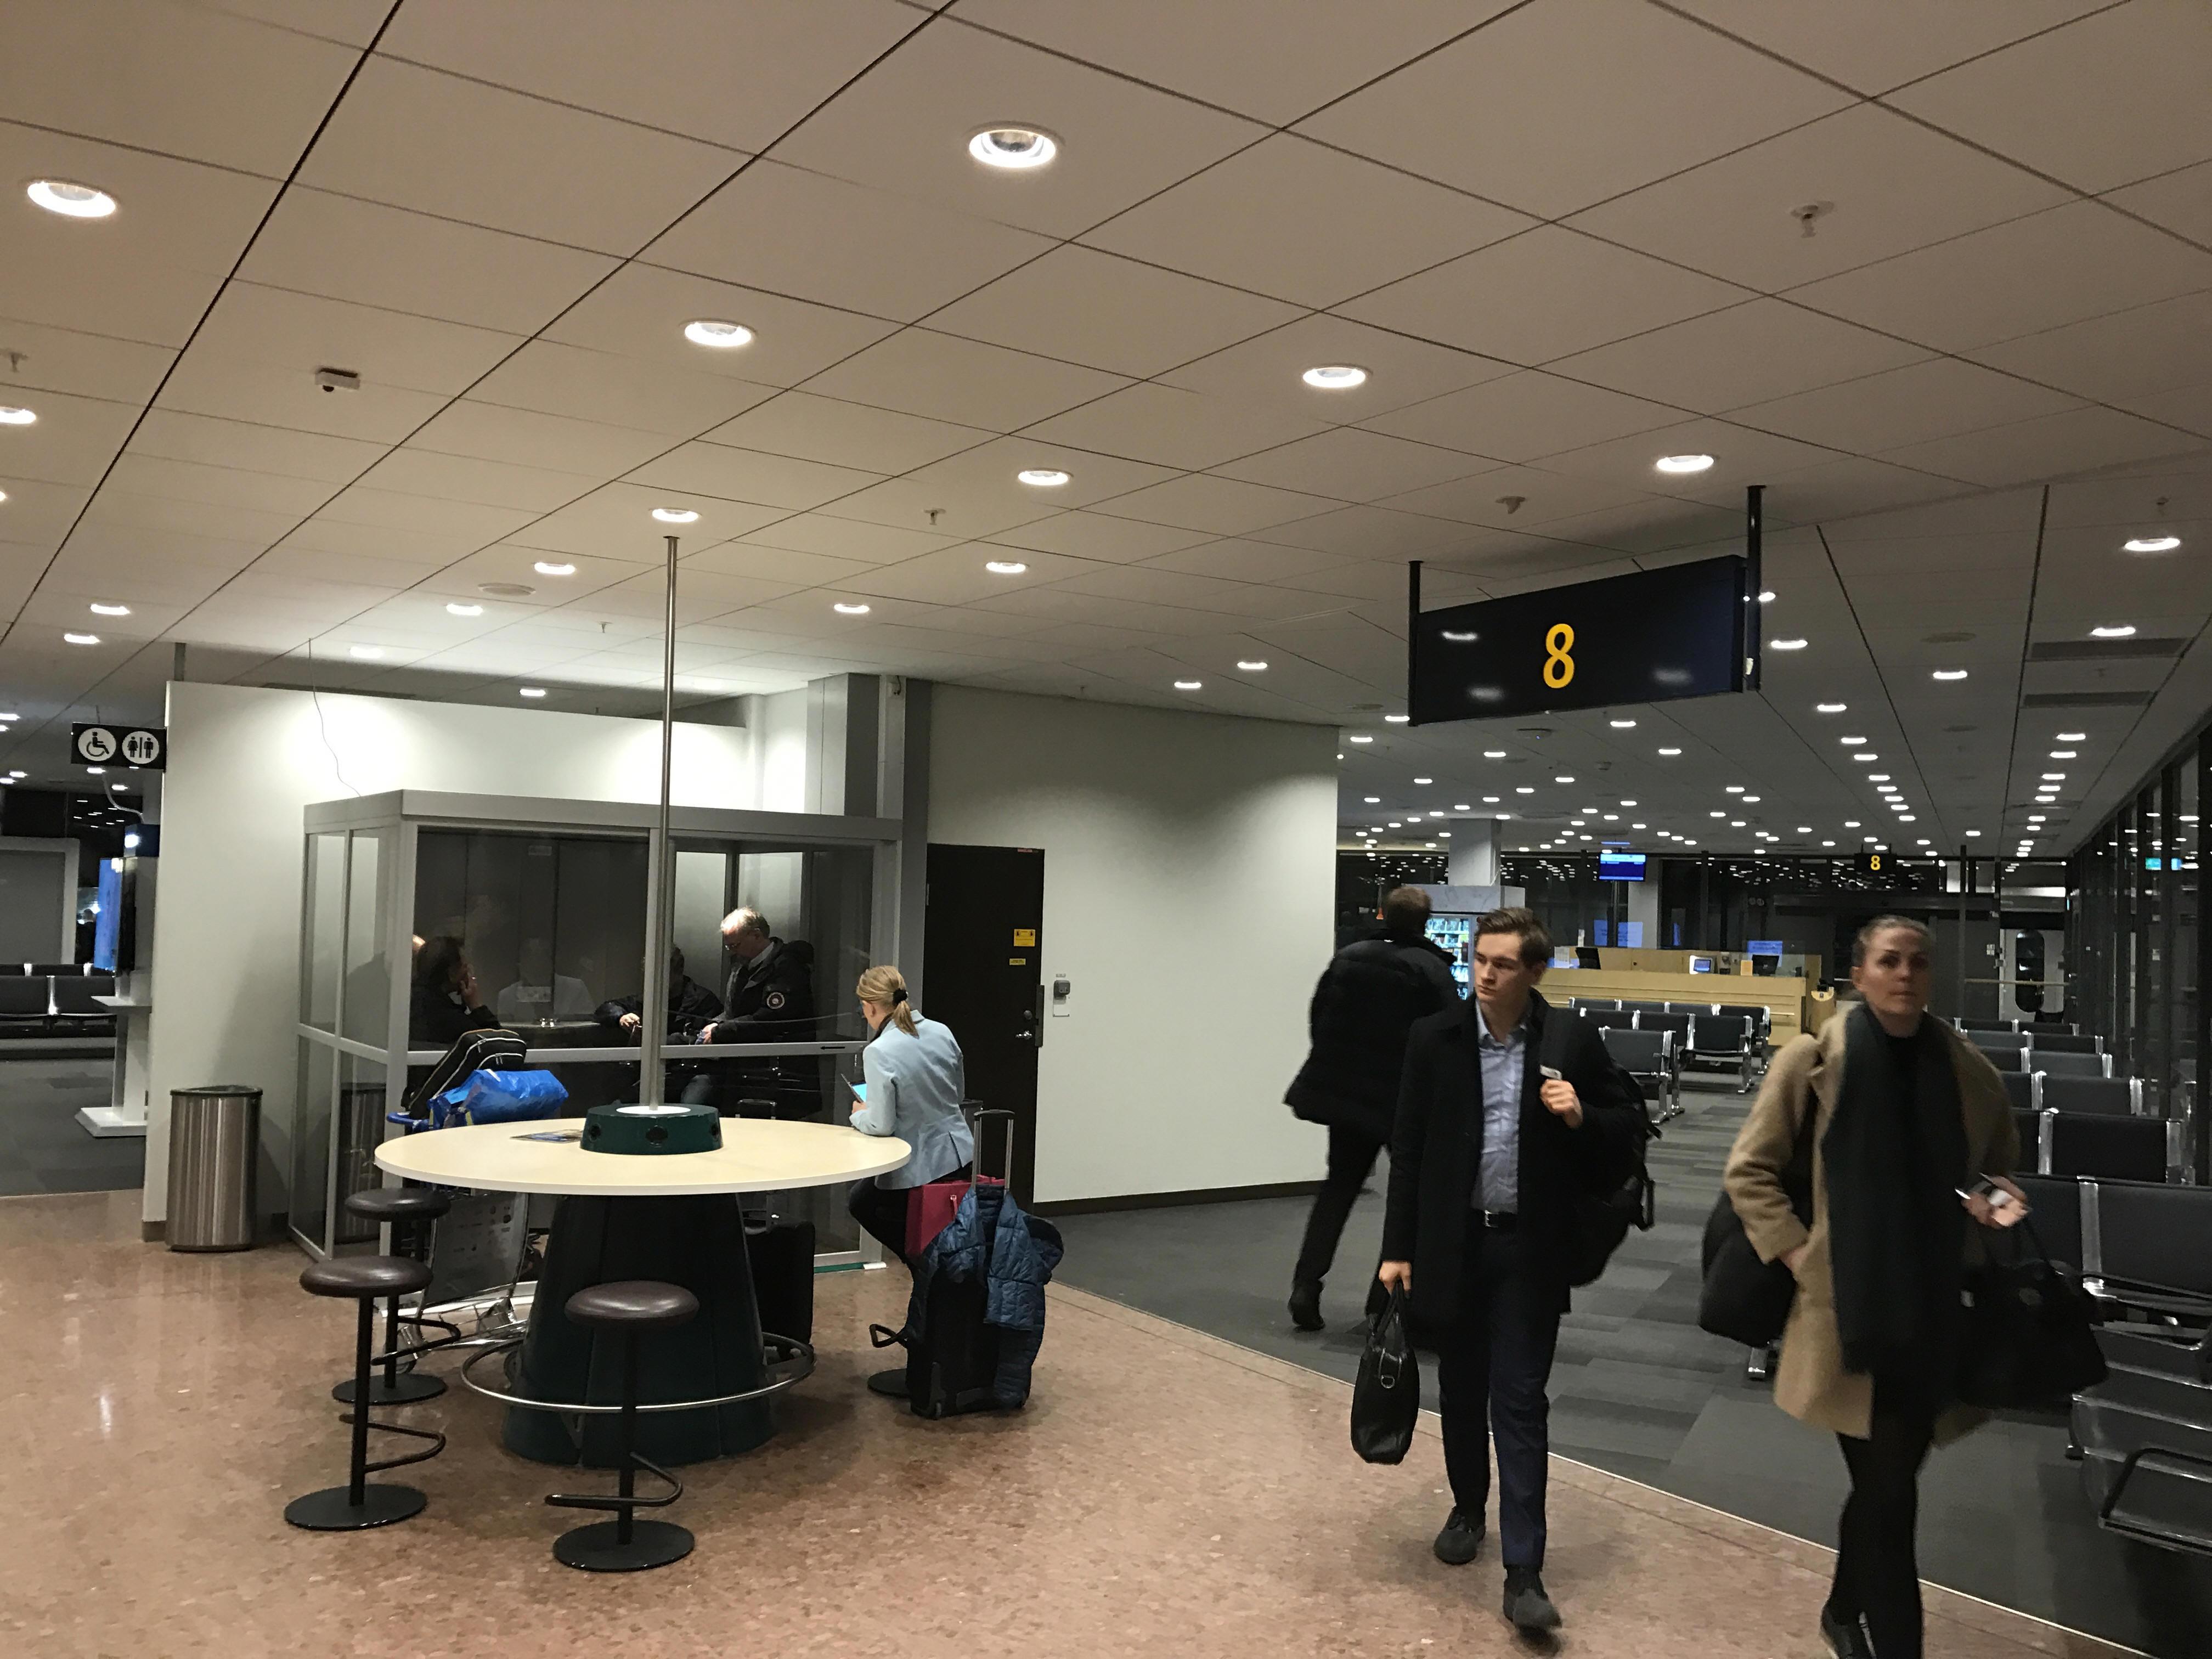 Karta Arlanda Terminal 5 Lounge.Smoking At Stockholm Arlanda Airport Arn